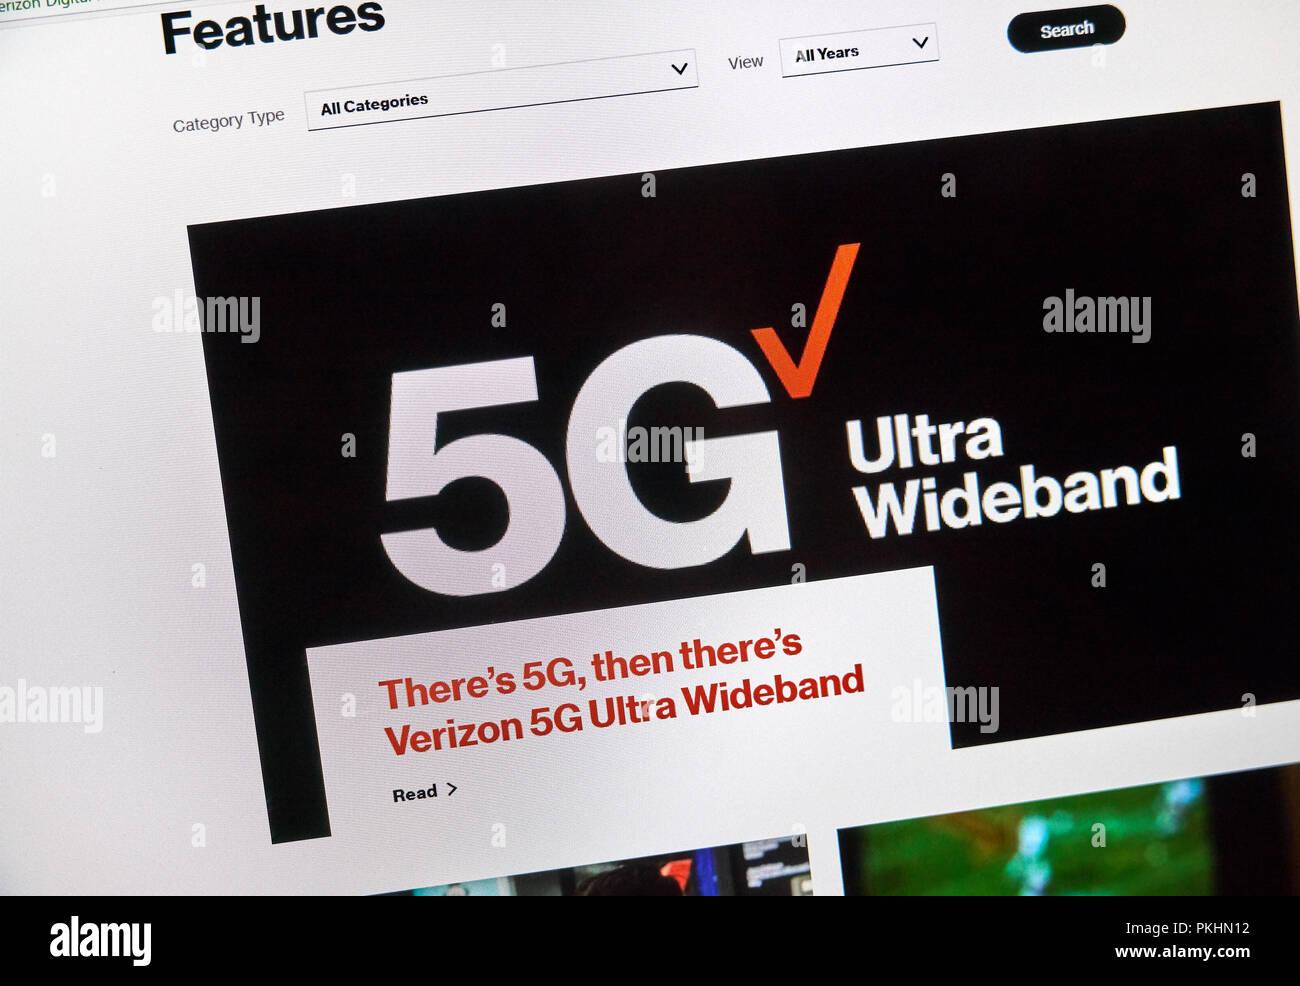 cellco partnership verizon wireless Cellco Partnership Stock Photos